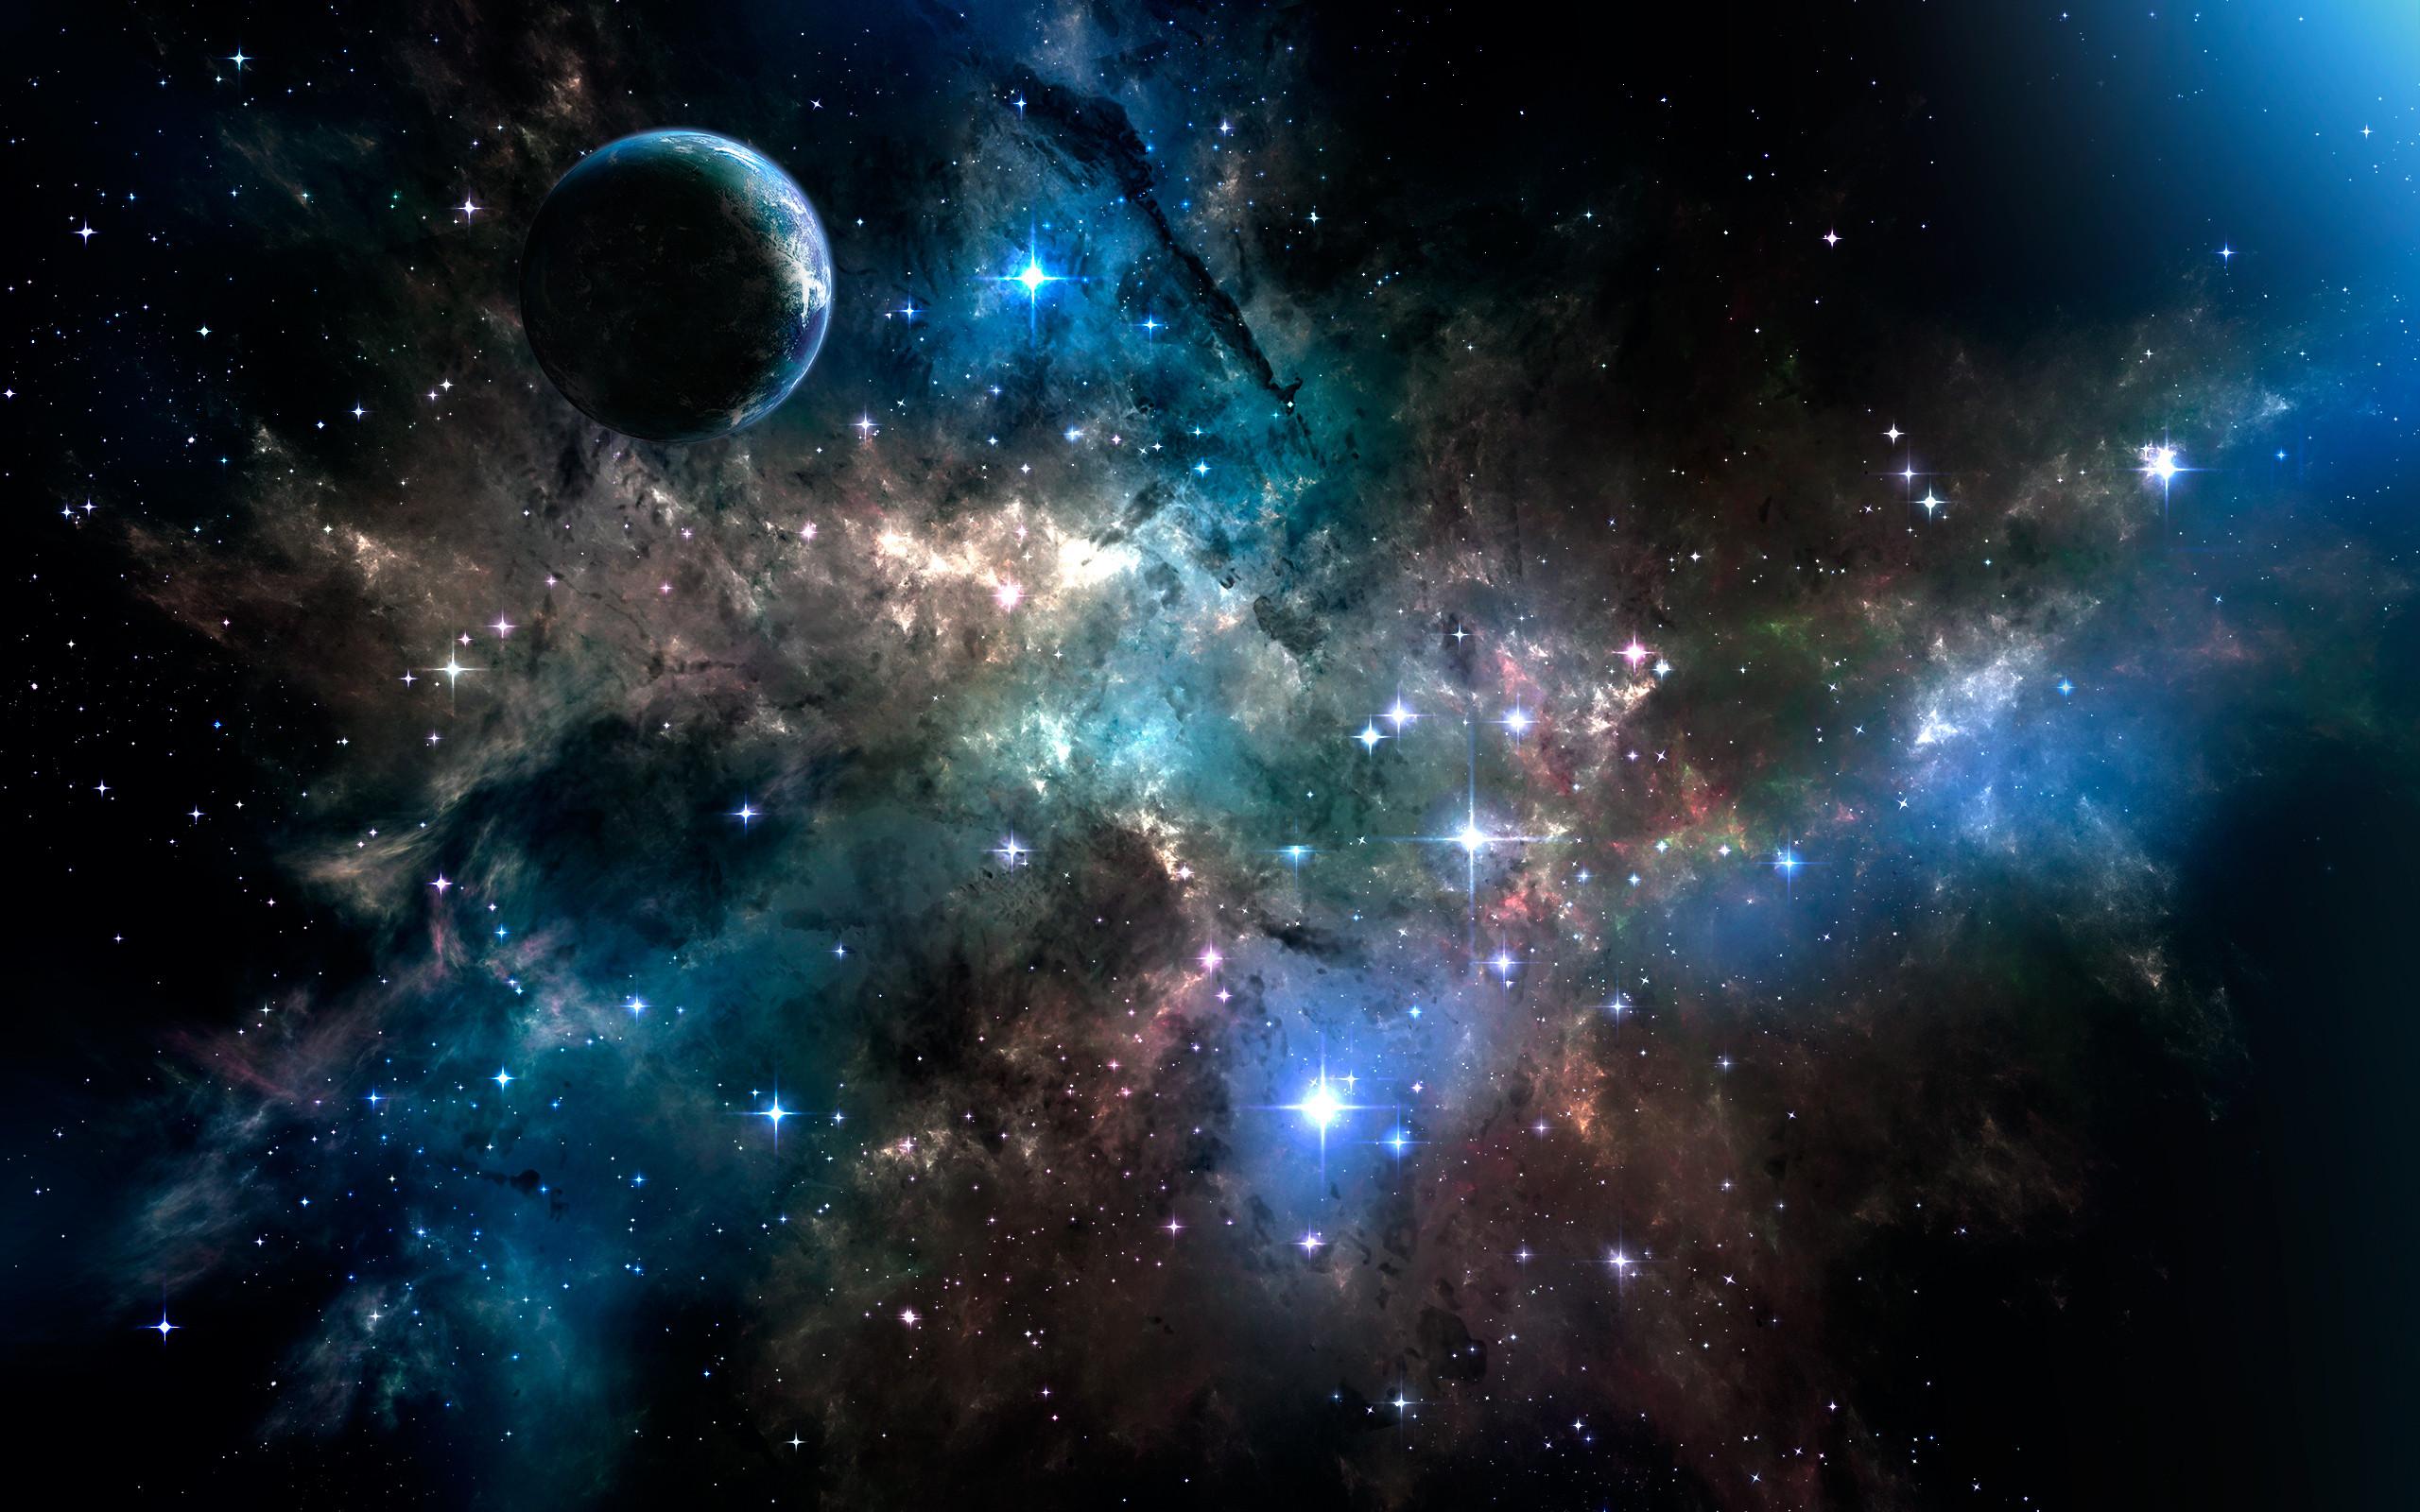 Обои галактика космос свет картинки на рабочий стол на тему Космос - скачать  № 1758577 бесплатно